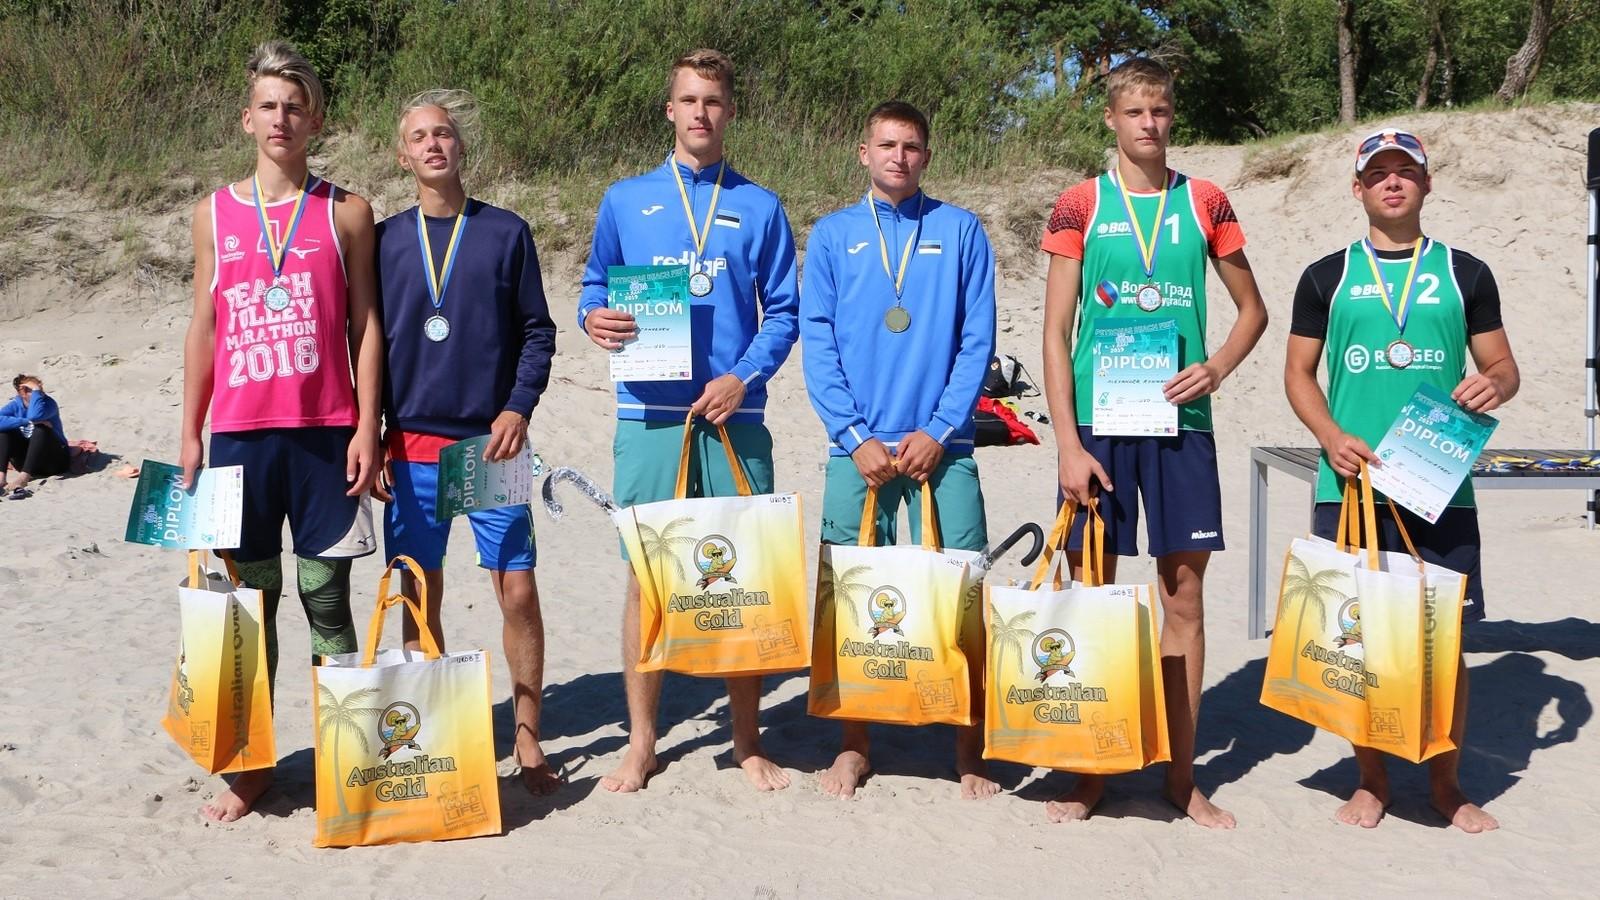 Nädalavahetusel peeti Pärnus Baltikumi suurim rannavollefest noortele